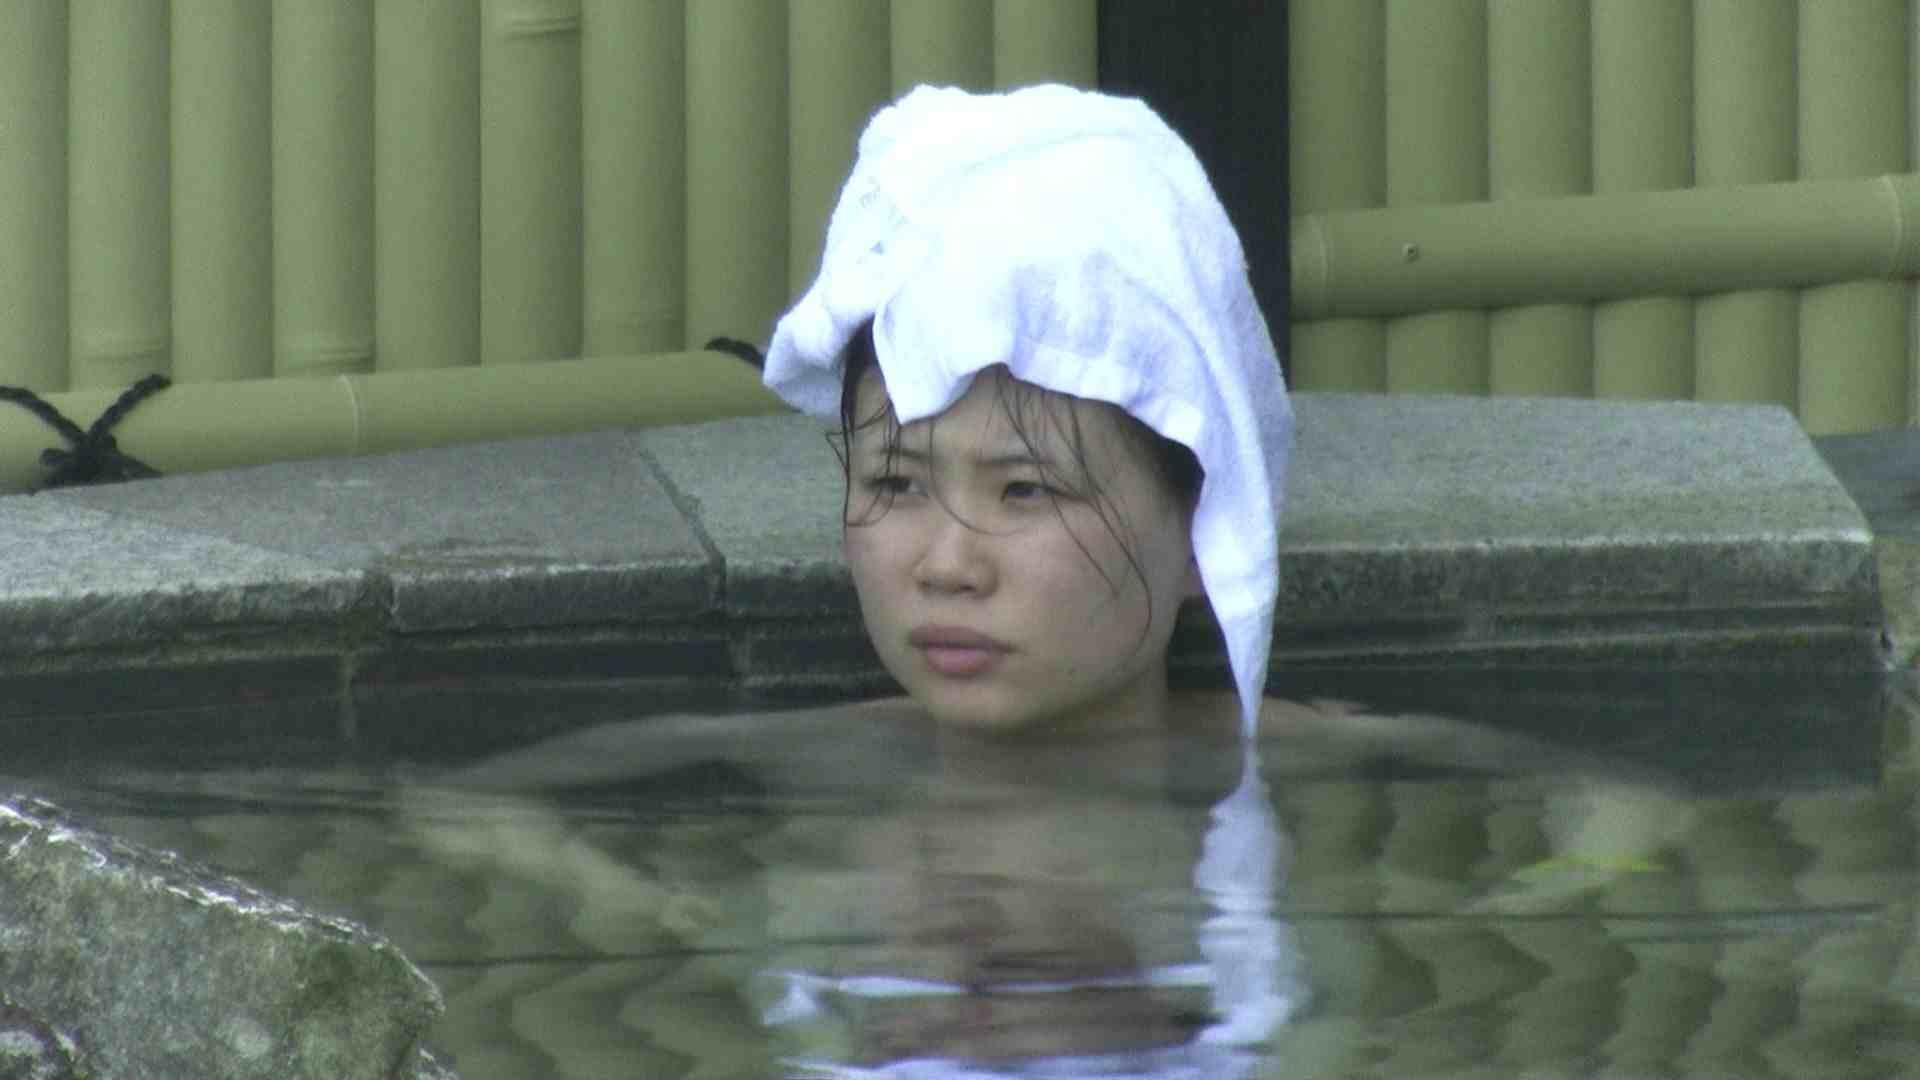 Aquaな露天風呂Vol.183 HなOL 盗撮動画紹介 106pic 92